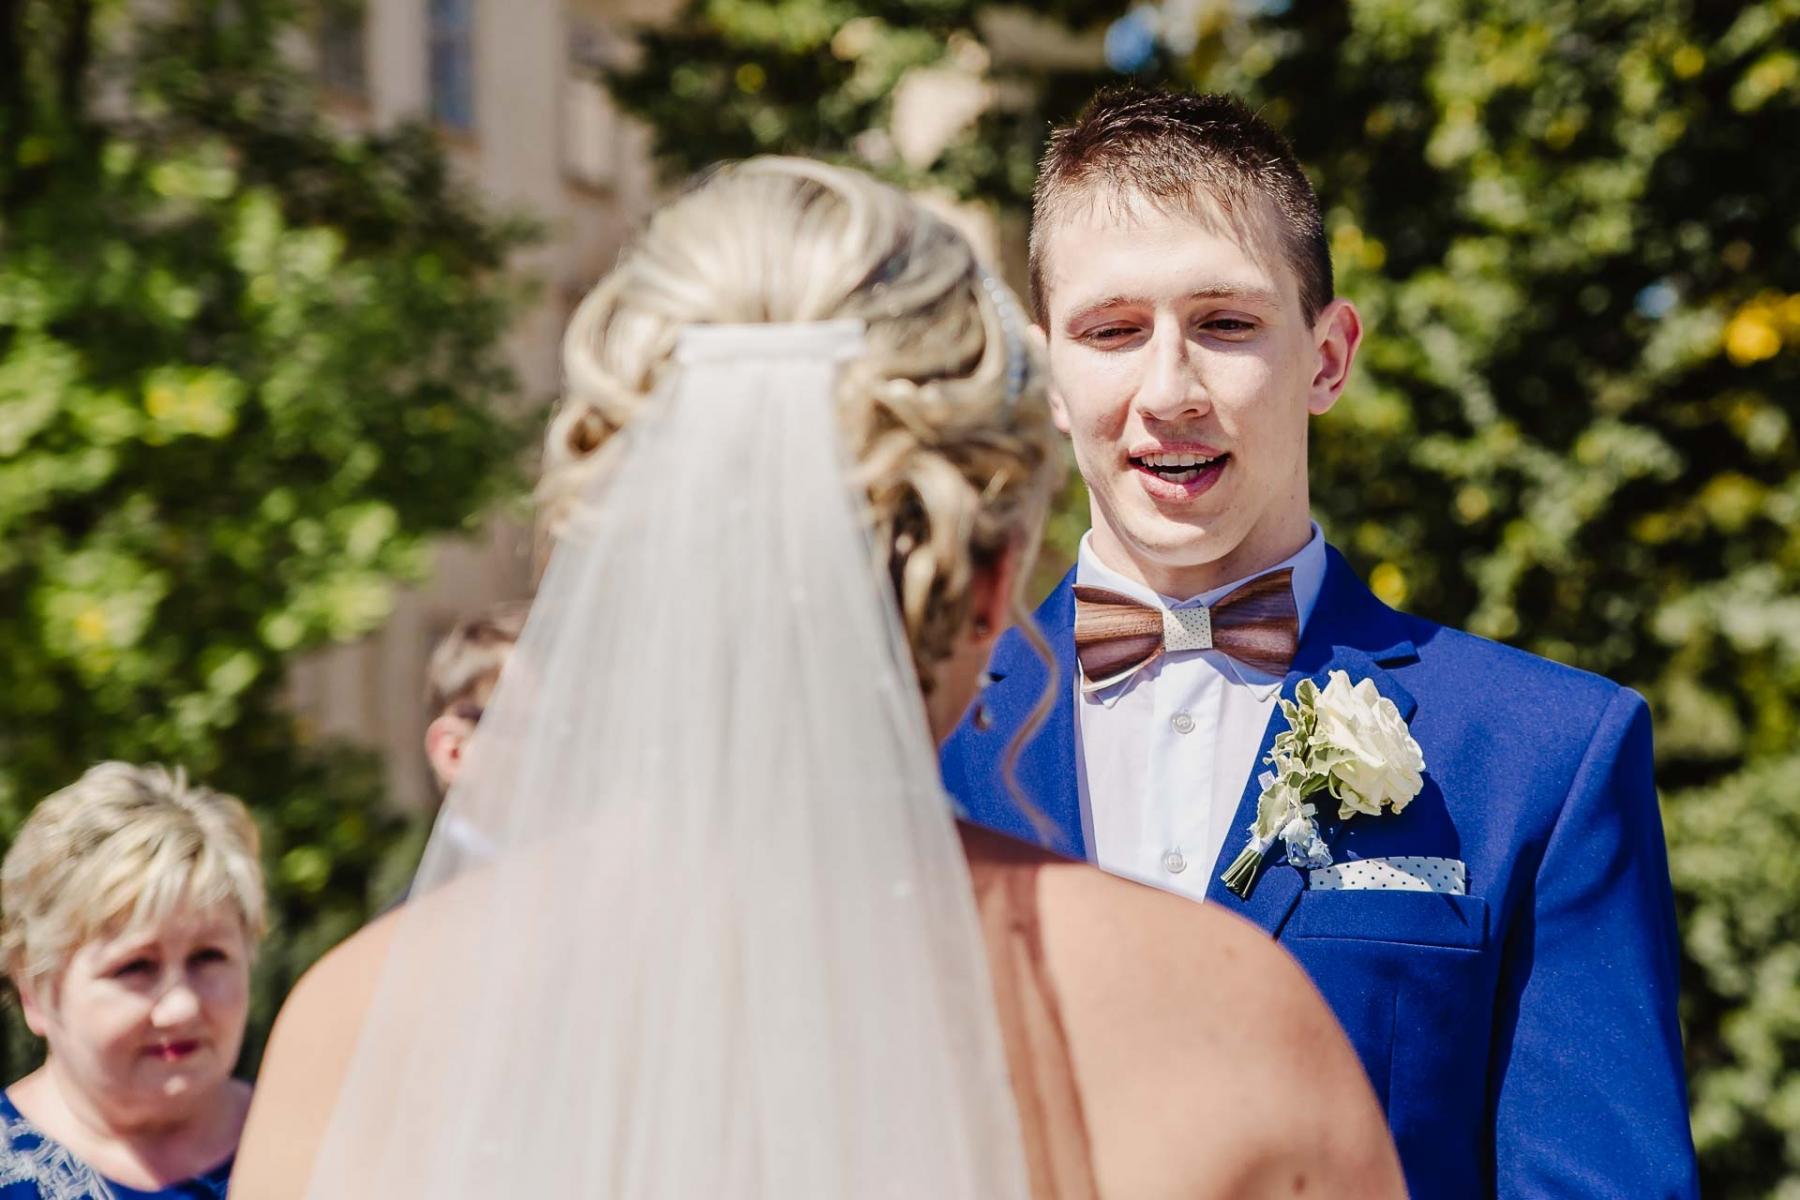 svatební fotograf zámek Mníšek pod Brdy, svatba na zámku, letní nejkrásnější zámecká svatba, Bára a Ondra-49